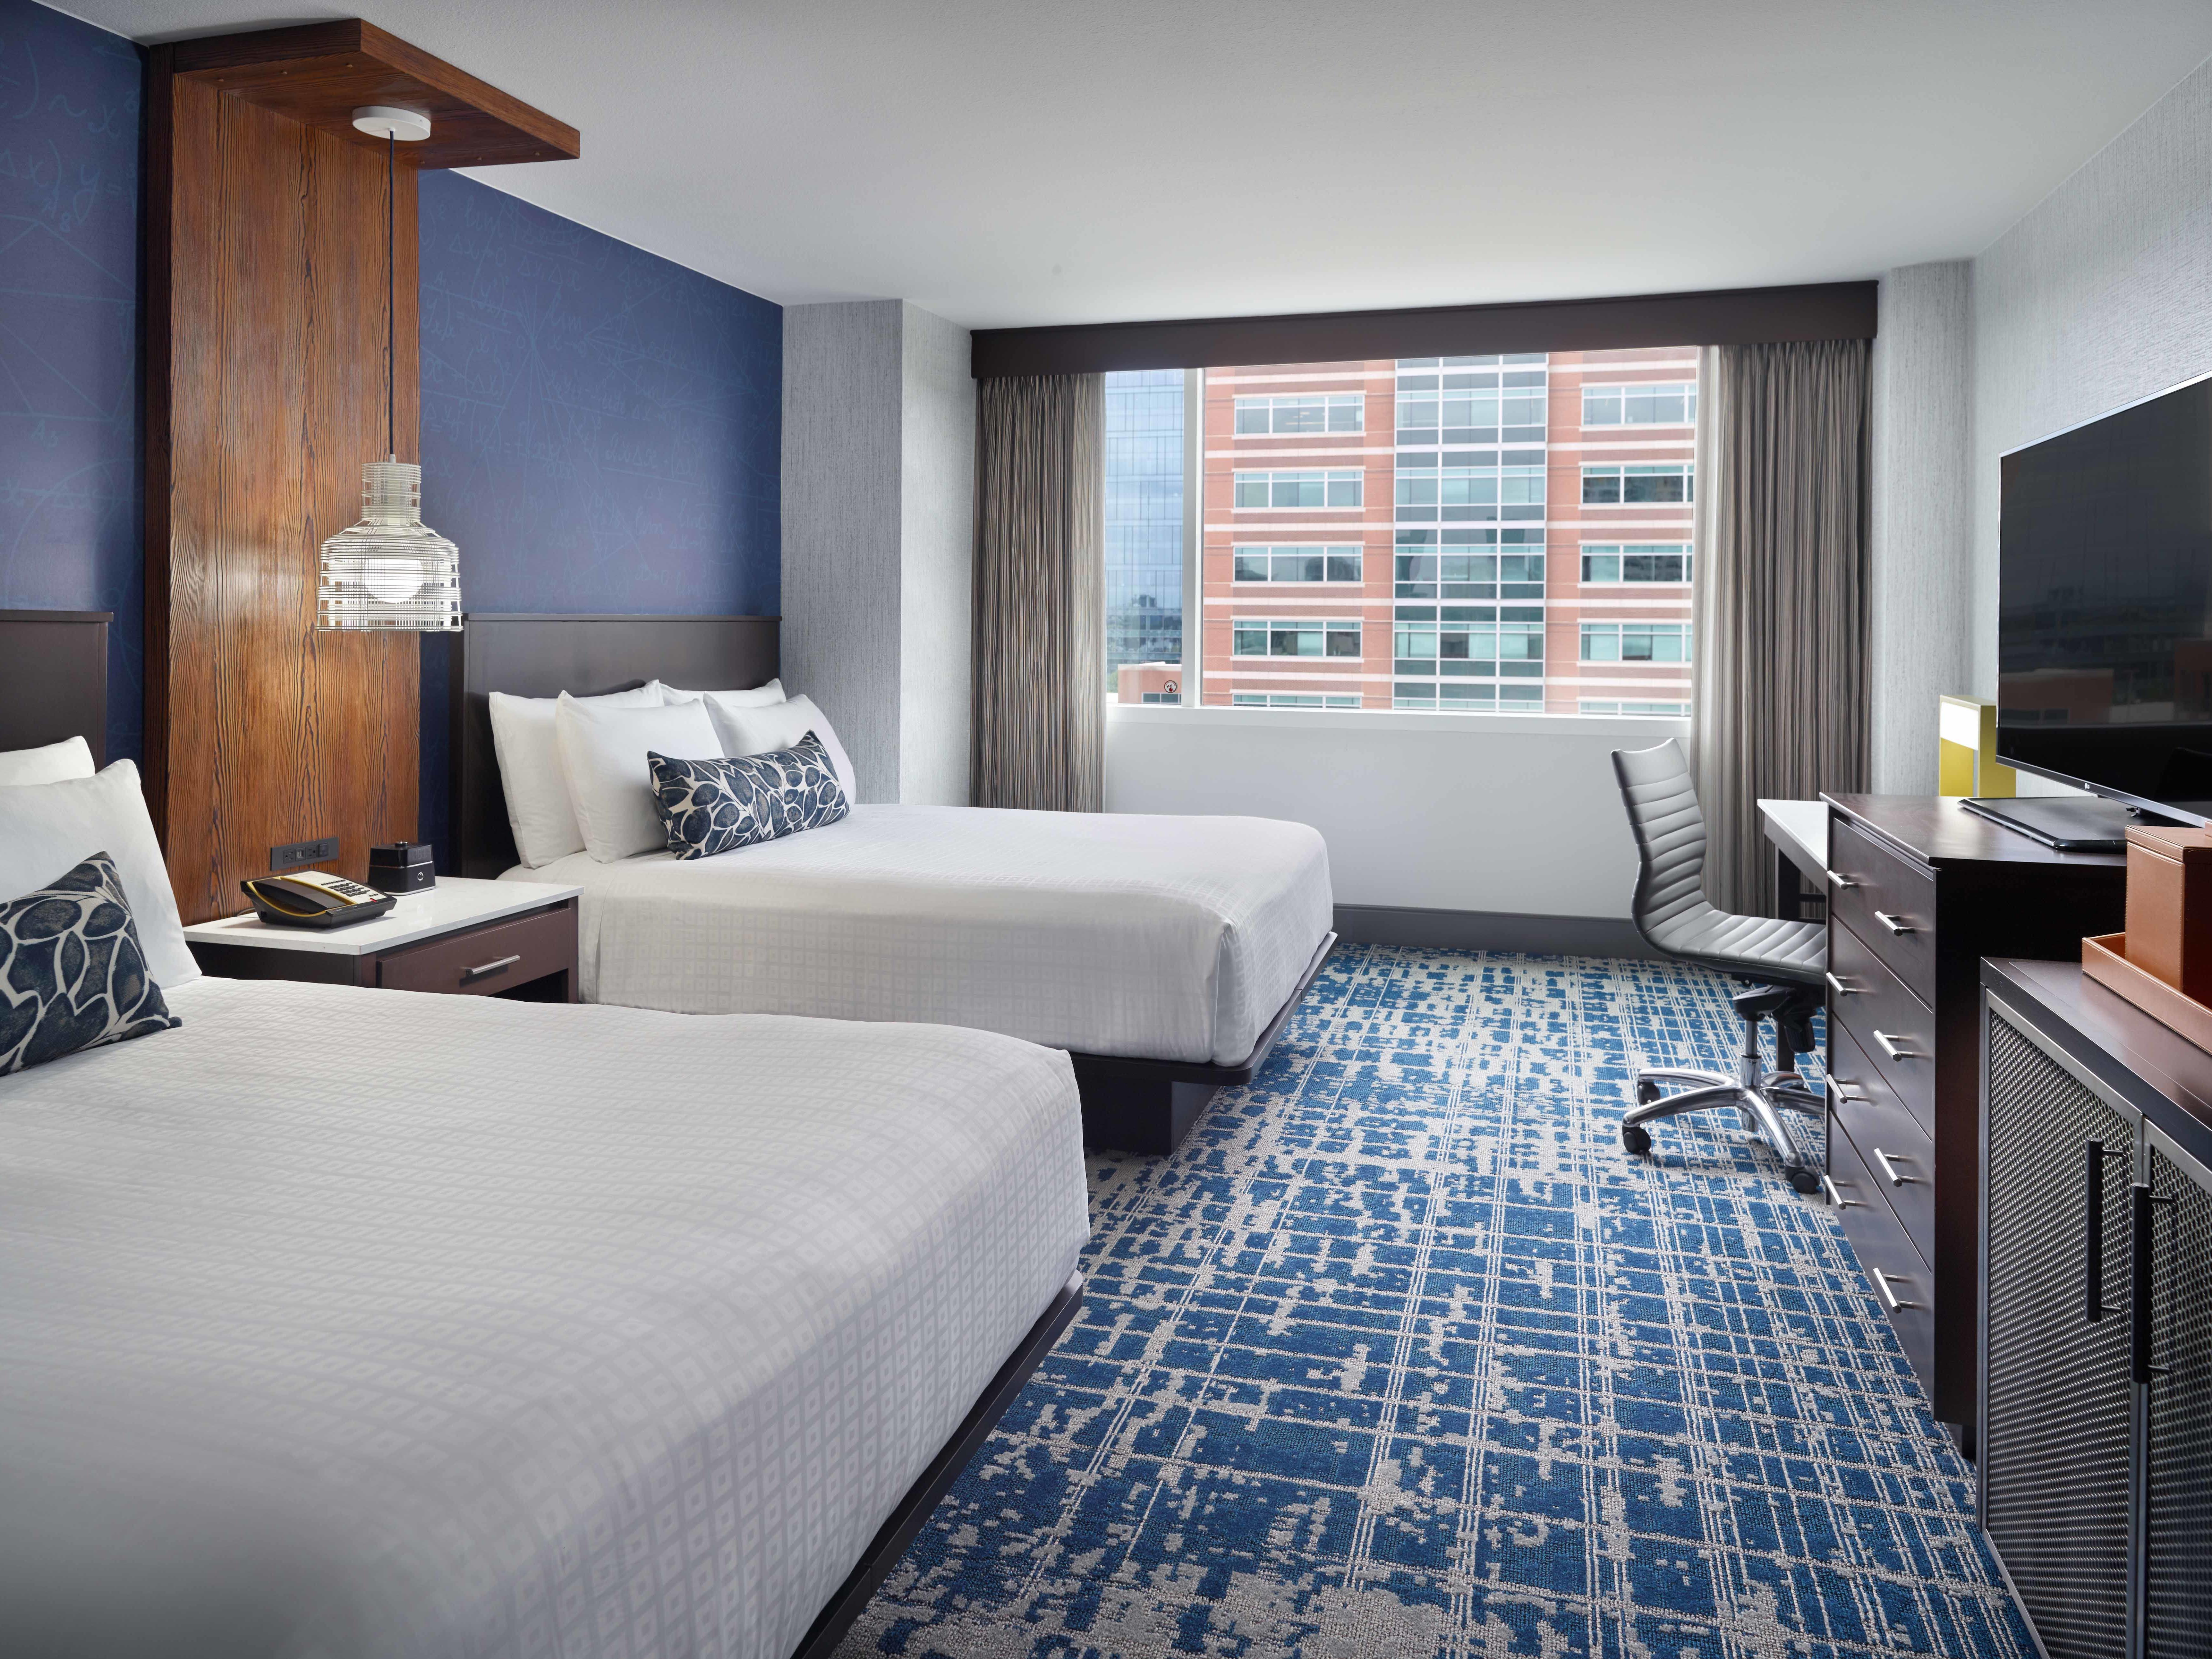 Georgia Tech Hotel Queen/Queen Guest Room